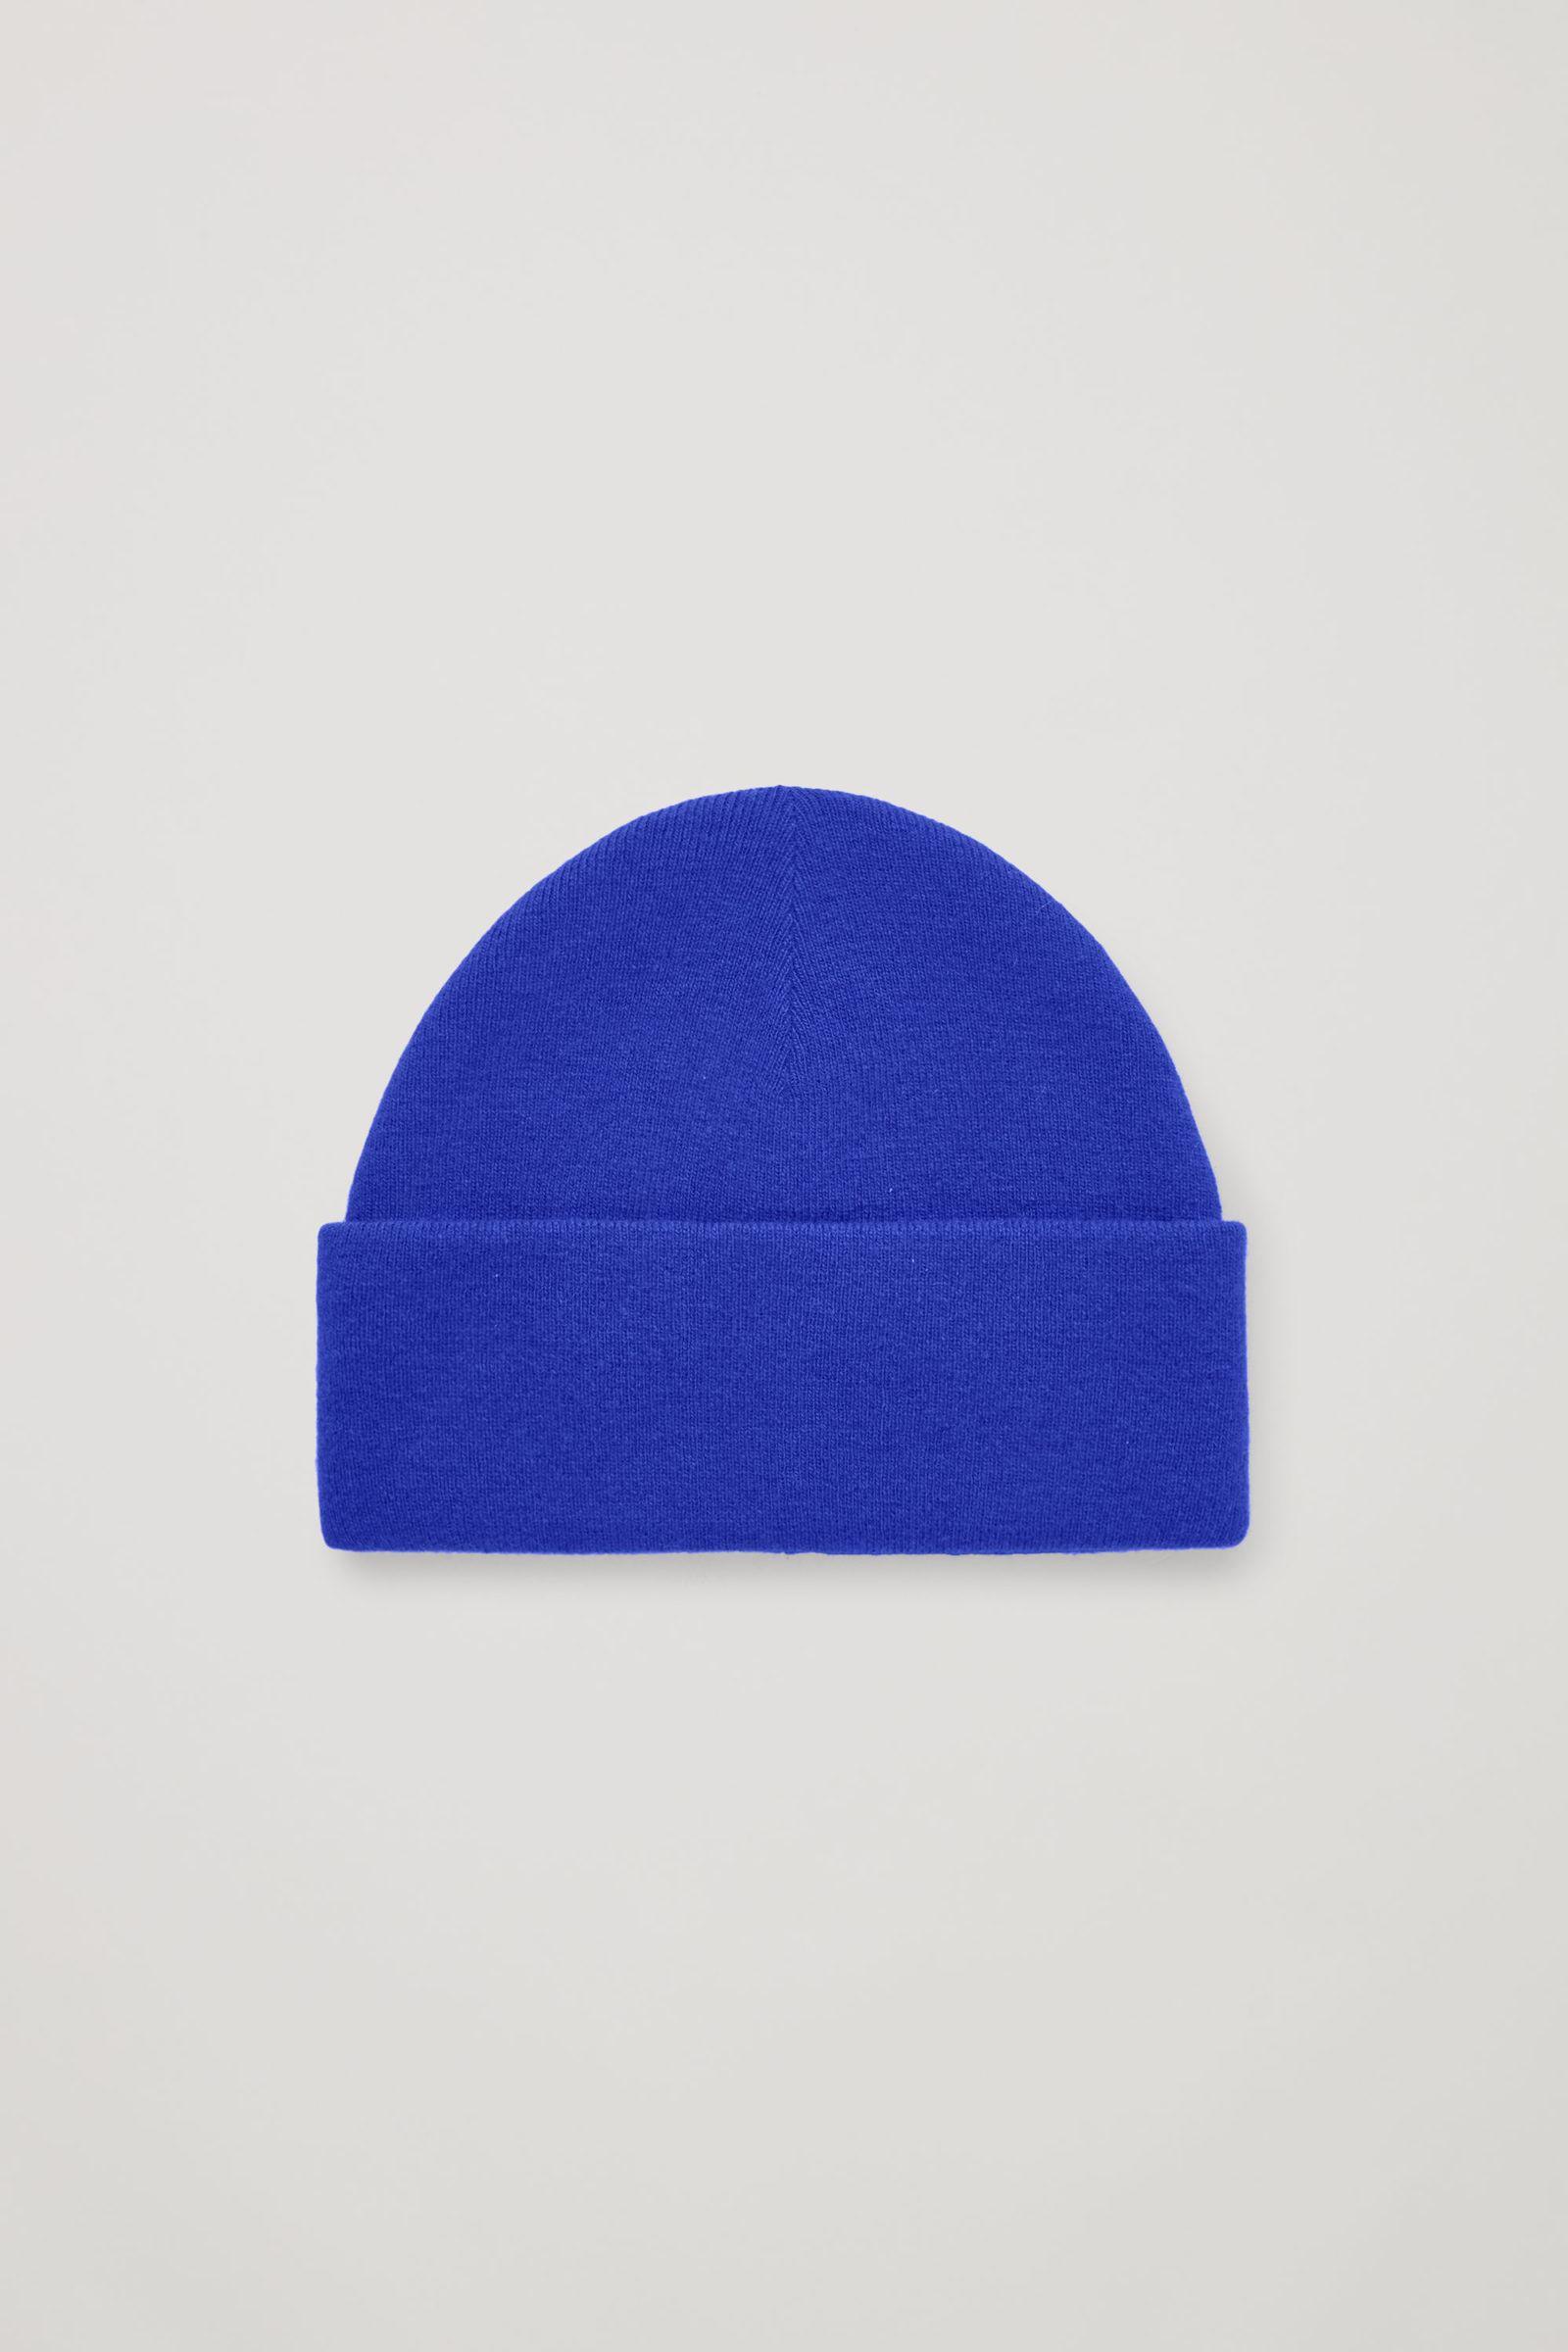 COS 폴디드 울 비니의 브라이트 블루컬러 Product입니다.